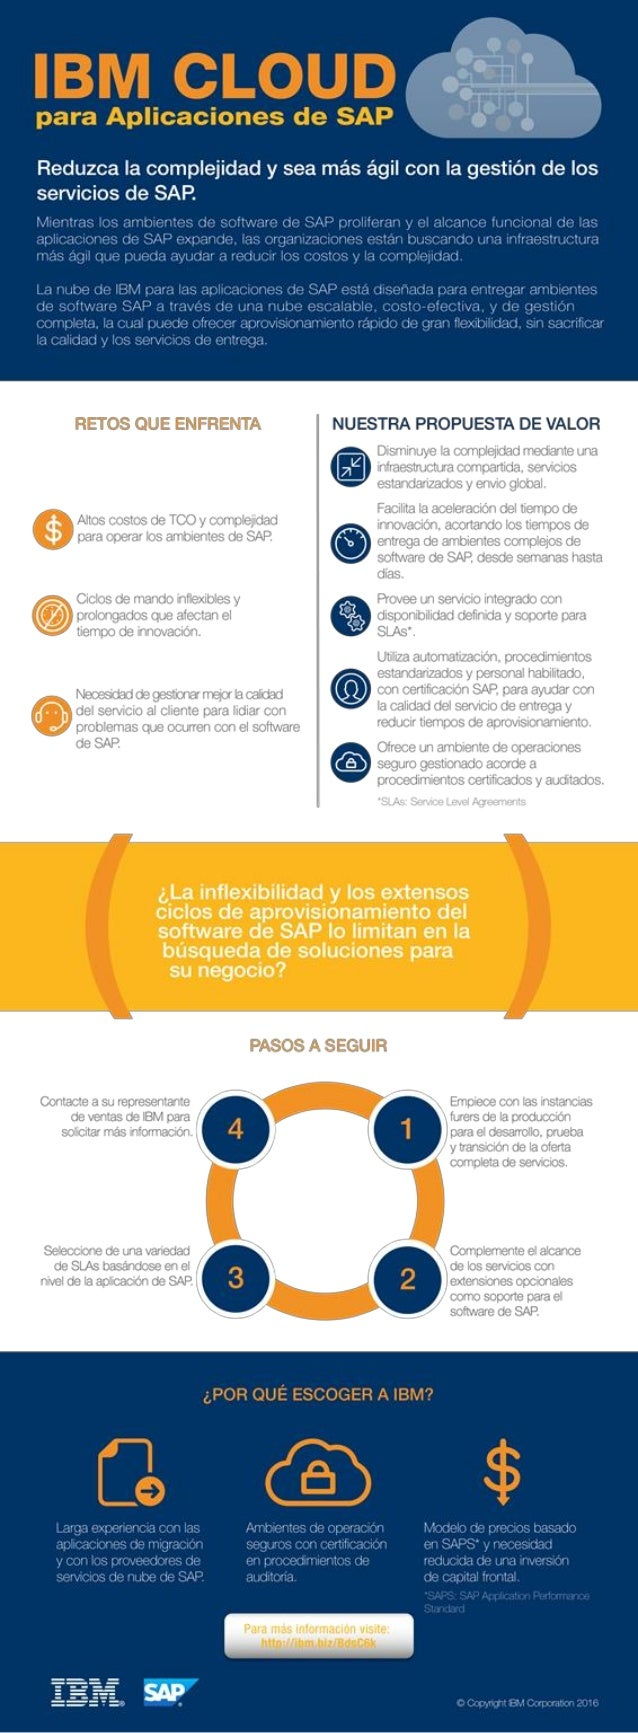 IBM Cloud para aplicaciones de SAP Reduzca la complejidad y sea más ágil con la gestión de los servicios de SAP